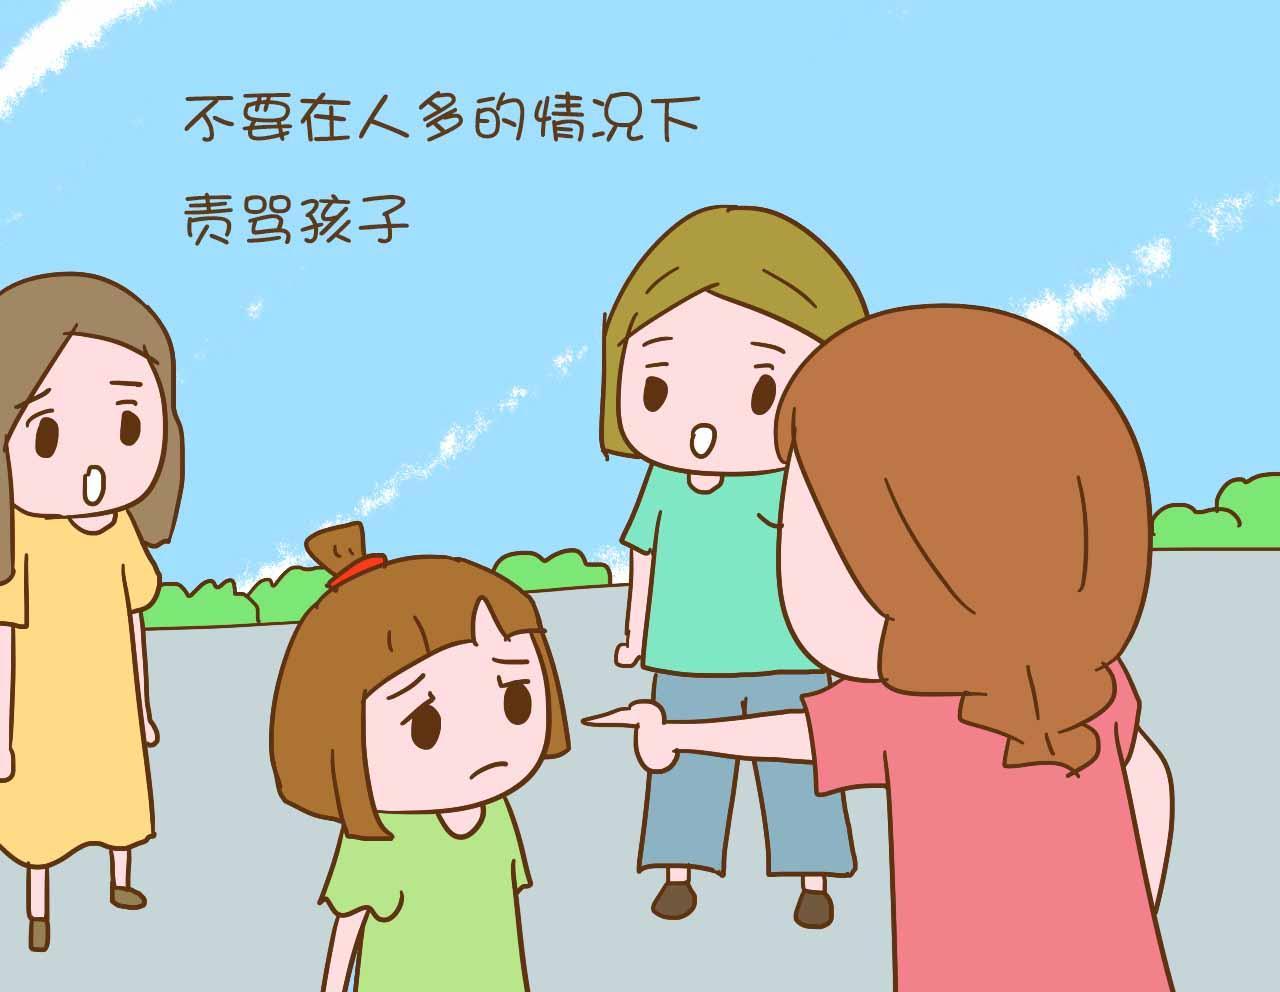 家长对孩子在家的表现怎么评价